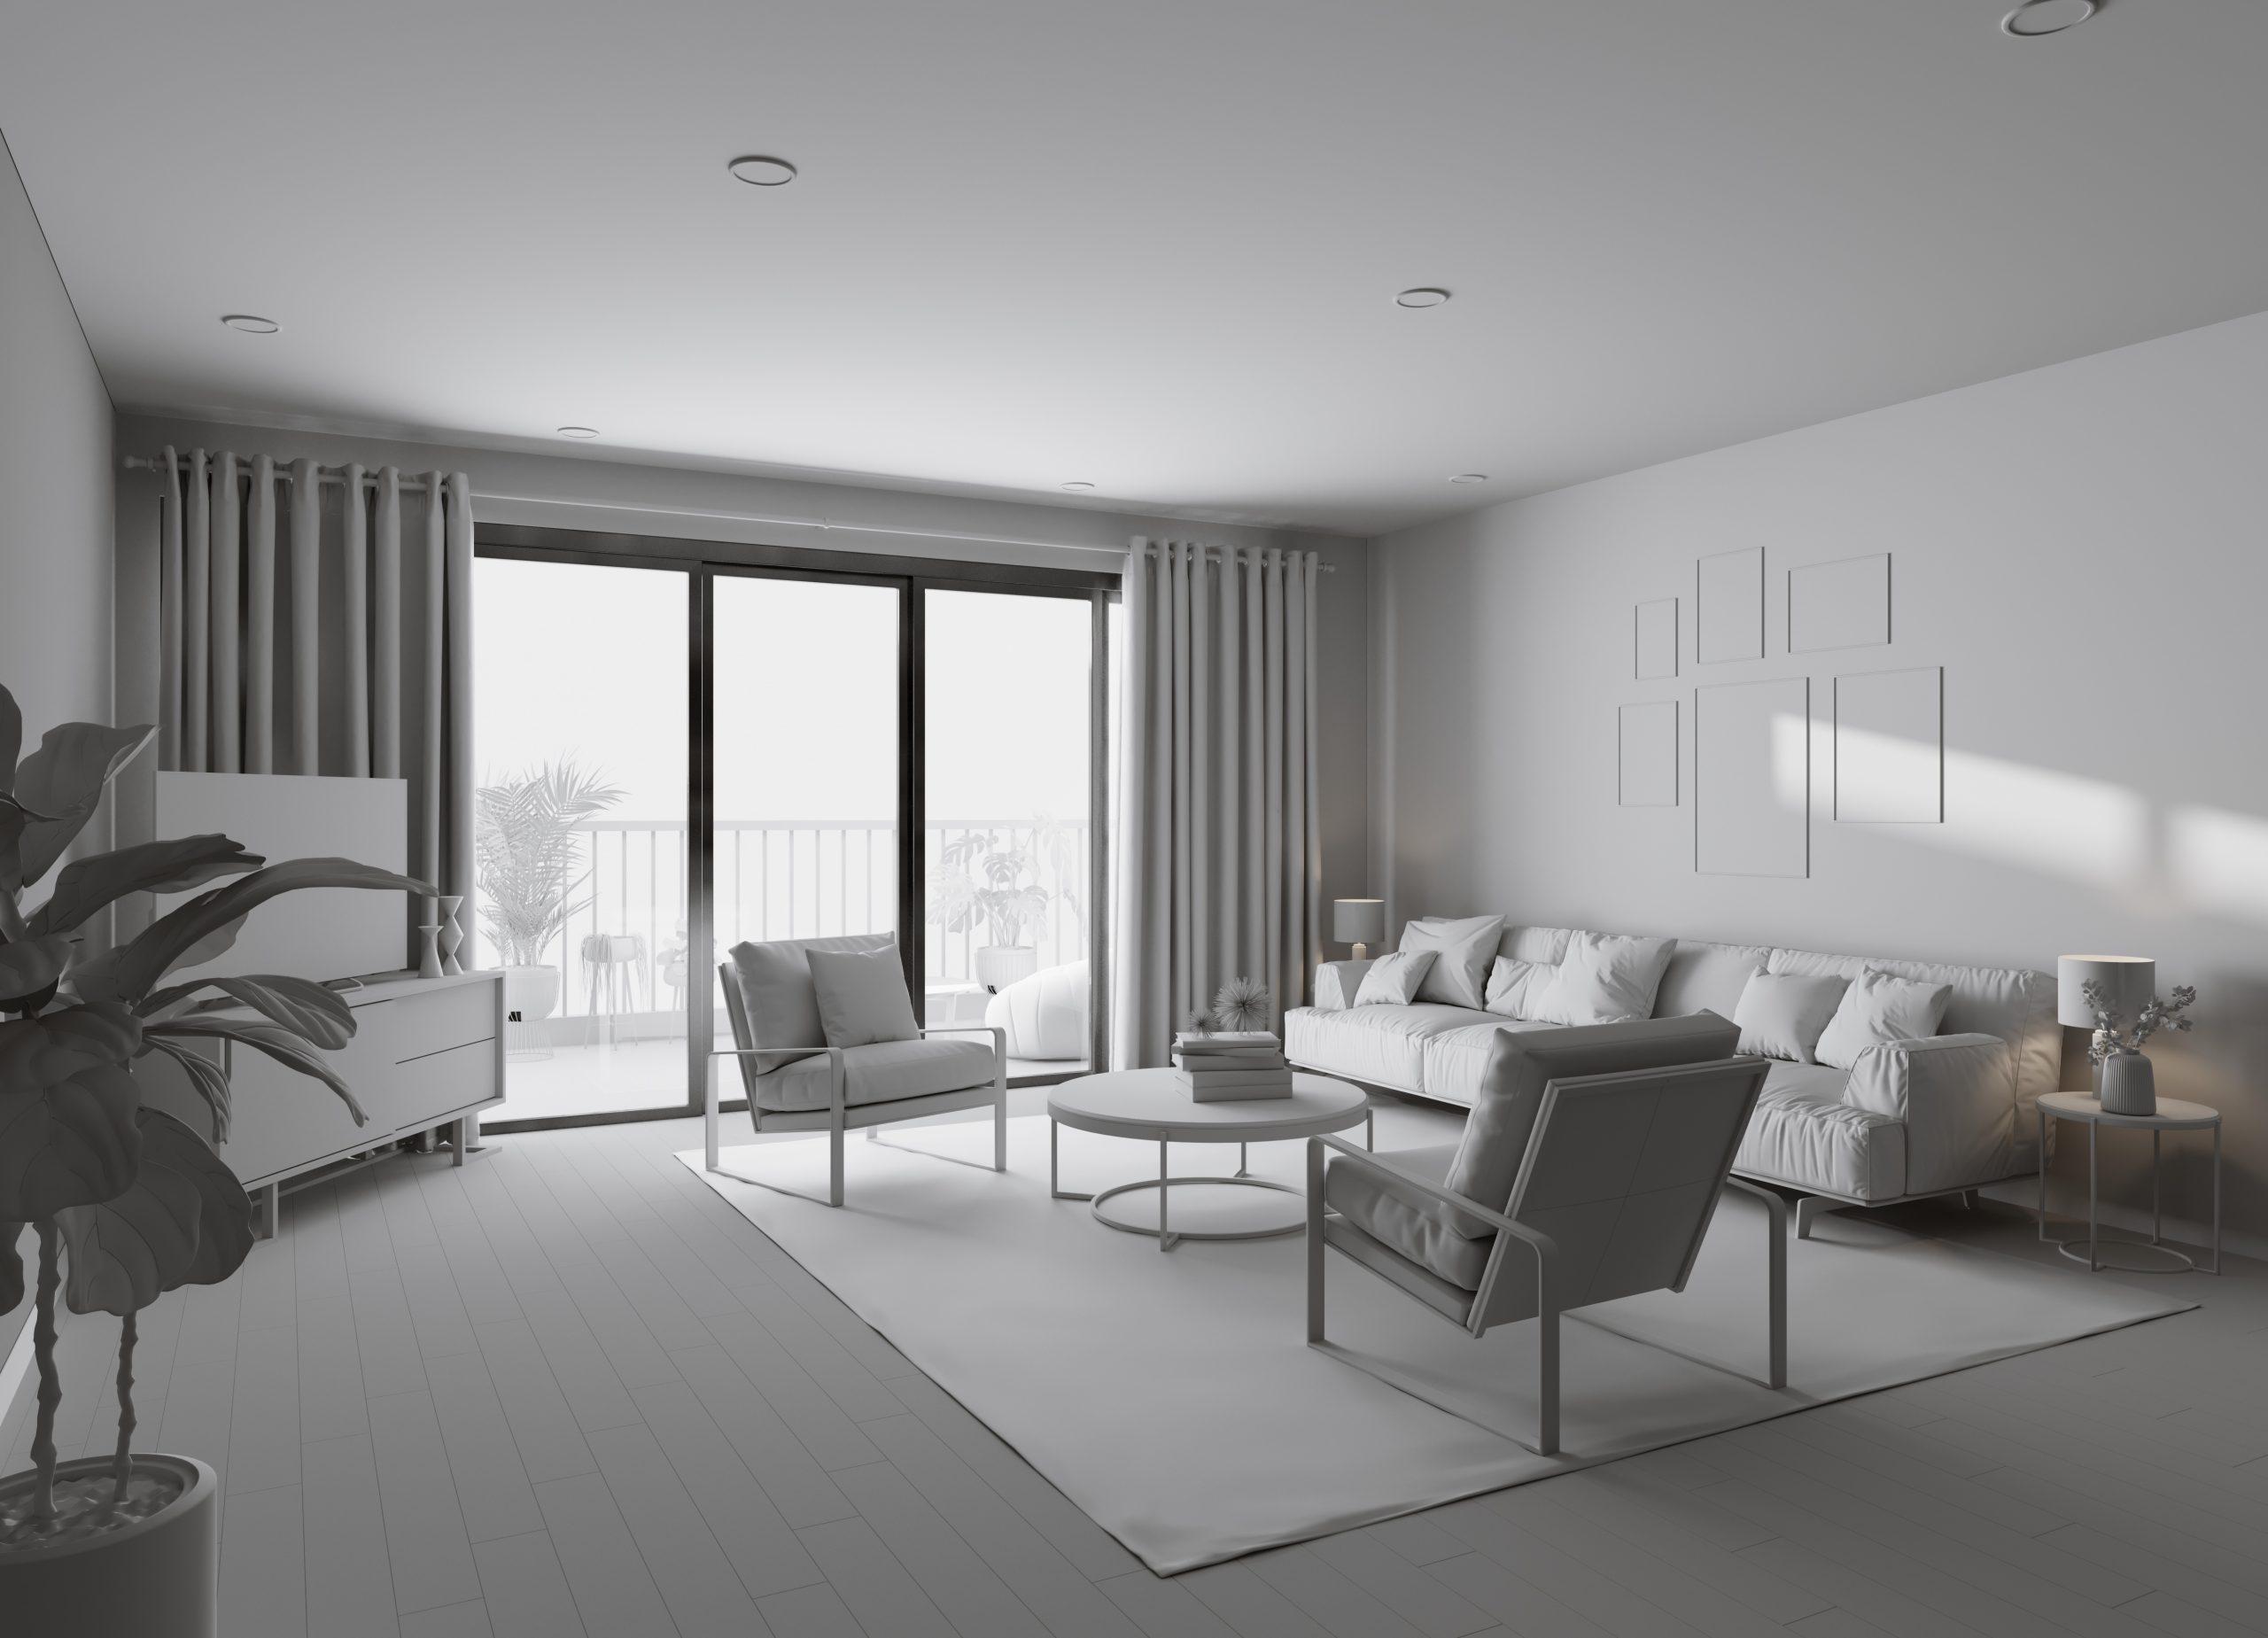 Livingroom Interior Model